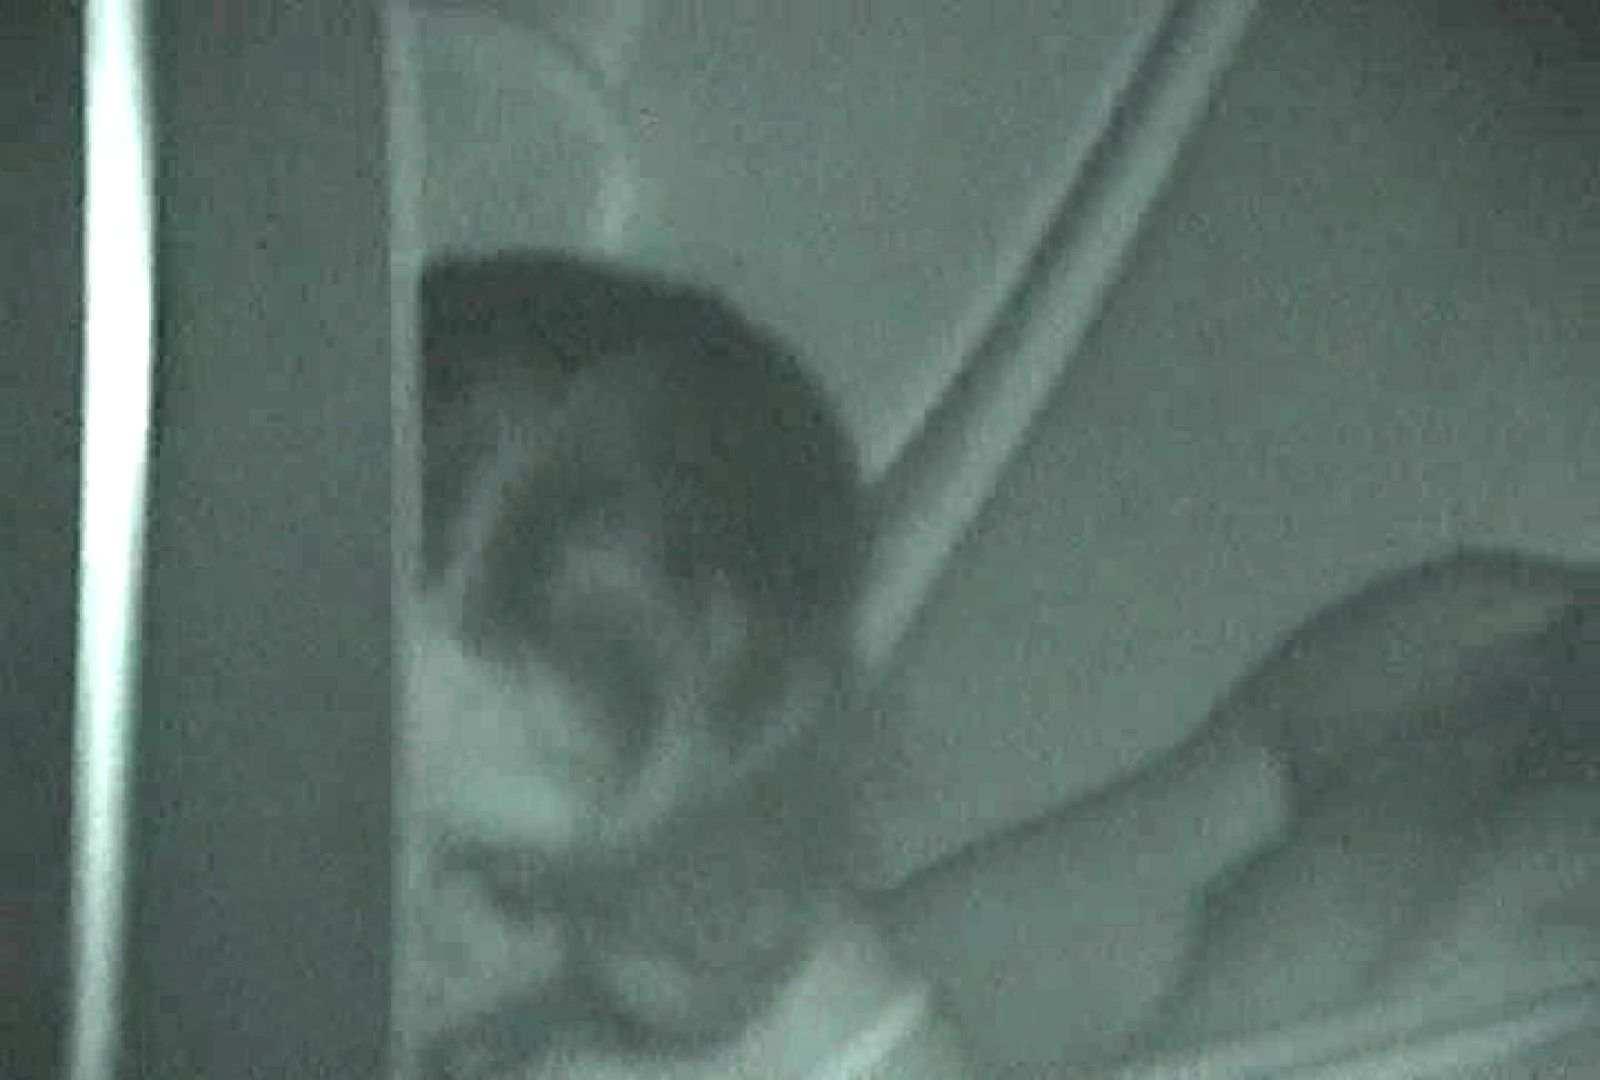 充血監督の深夜の運動会Vol.91 素人エロ投稿 | OLセックス  102画像 49